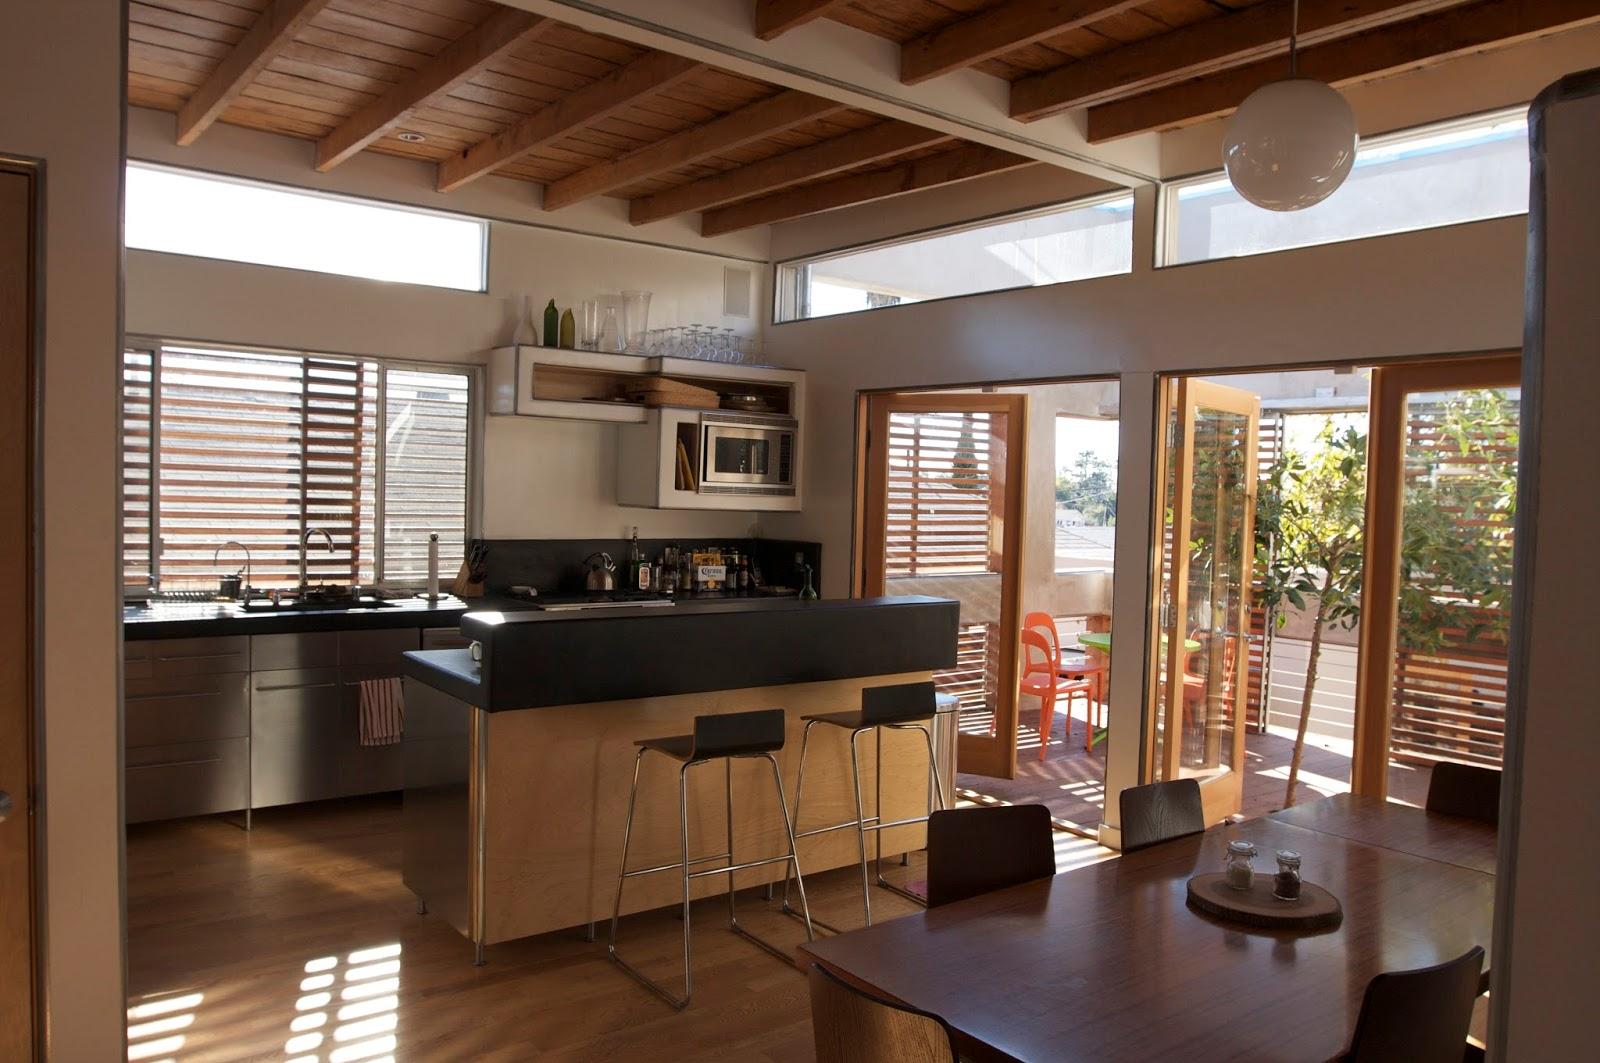 Französisch Country Kitchen Design - Küchendesign